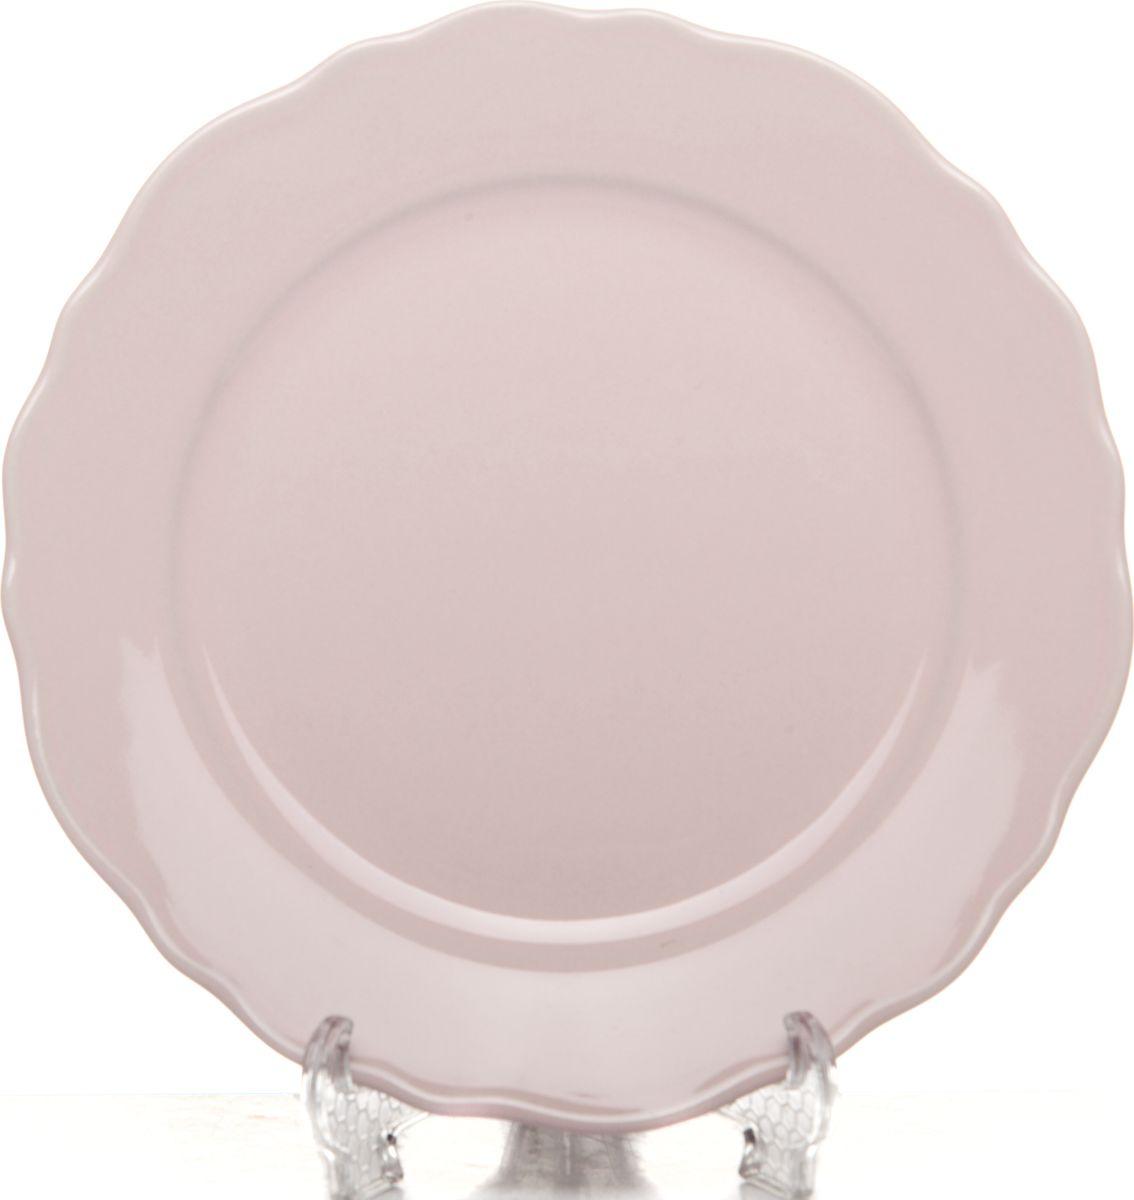 Тарелка Kutahya Porselen Lar, LR19TD142 616, розовый, диаметр 19 смLR19TD142 616Тарелка Kutahya Porselen Lar выполнена из высококачественного материала. Хорошая хозяйка всегда будет рада такому презенту, а сервированный такой посудой стол будет выглядеть нарядным. Рекомендуем!